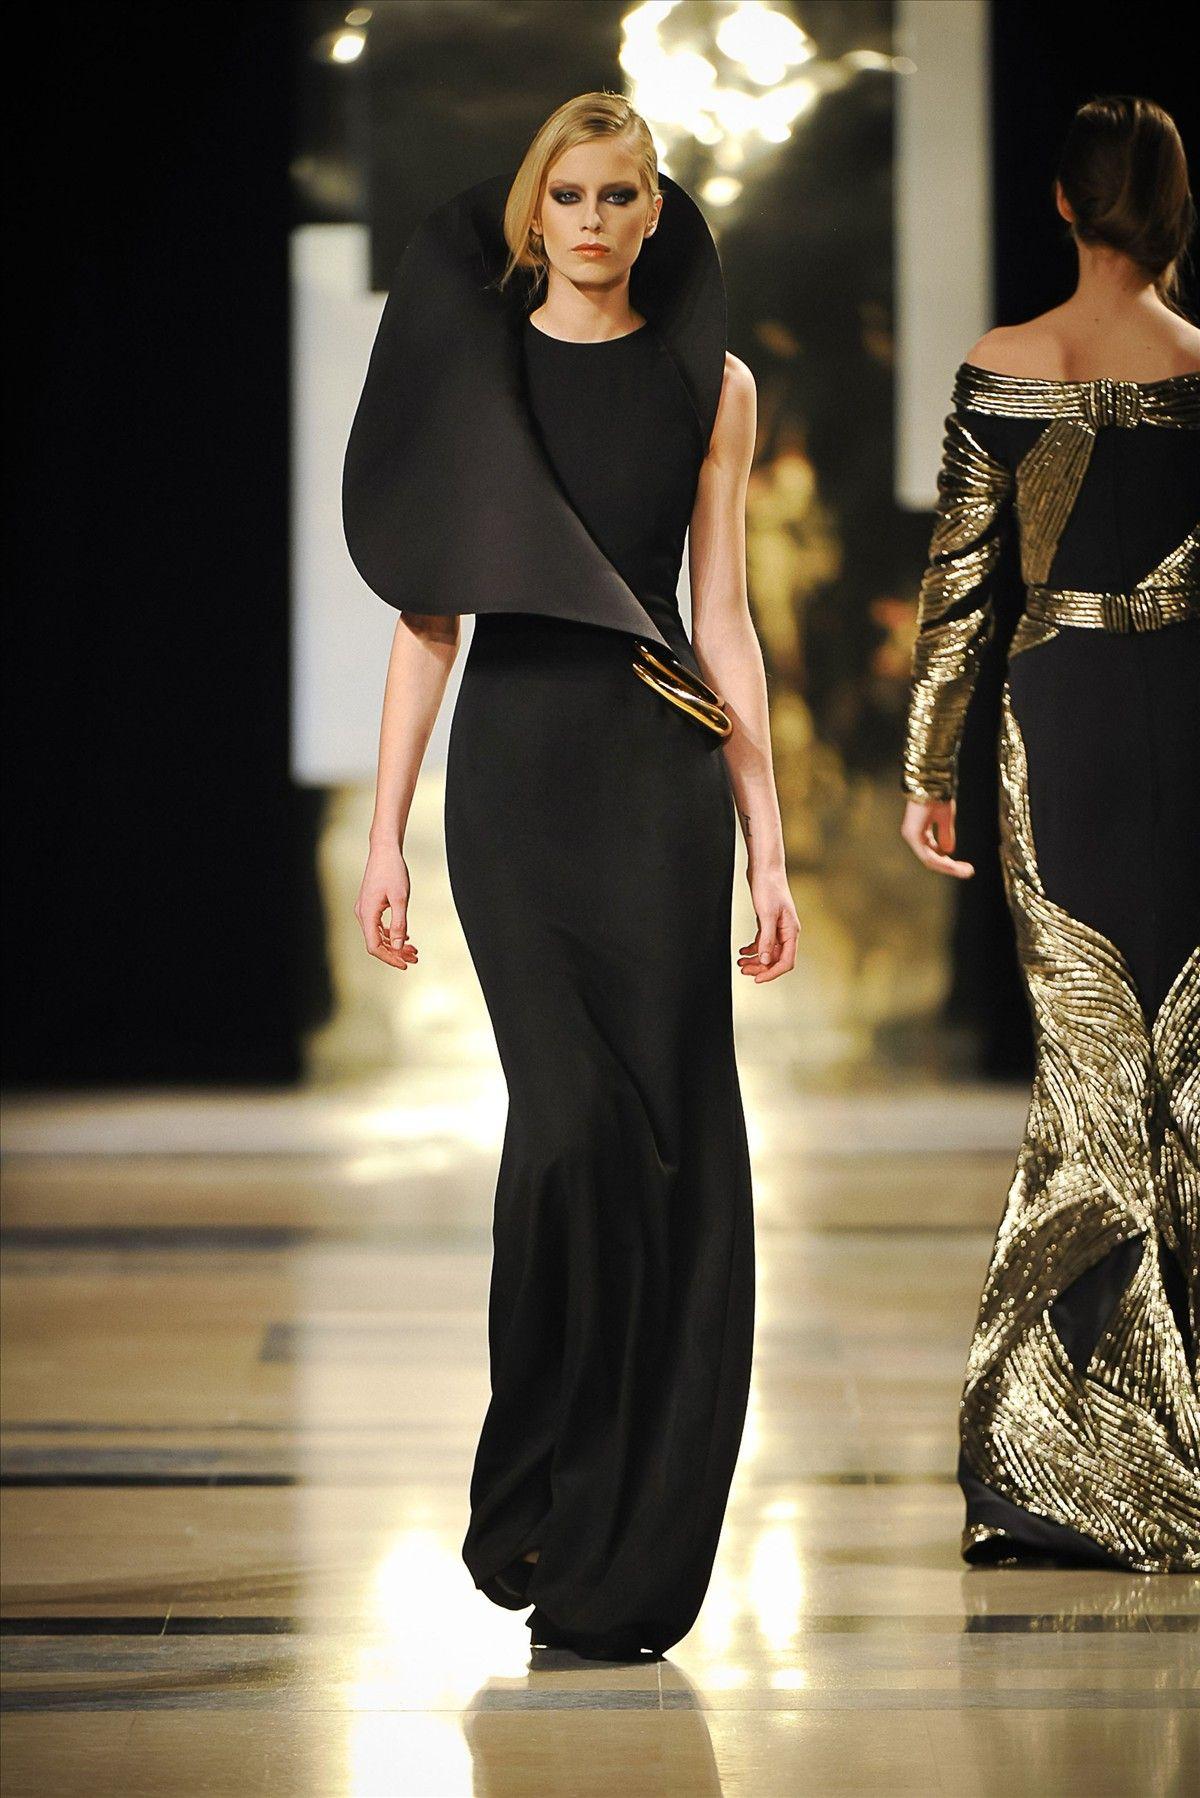 Fashion Stéphane Rolland Pe 2017 Haute Couture S Paris And Design Yoho Cn